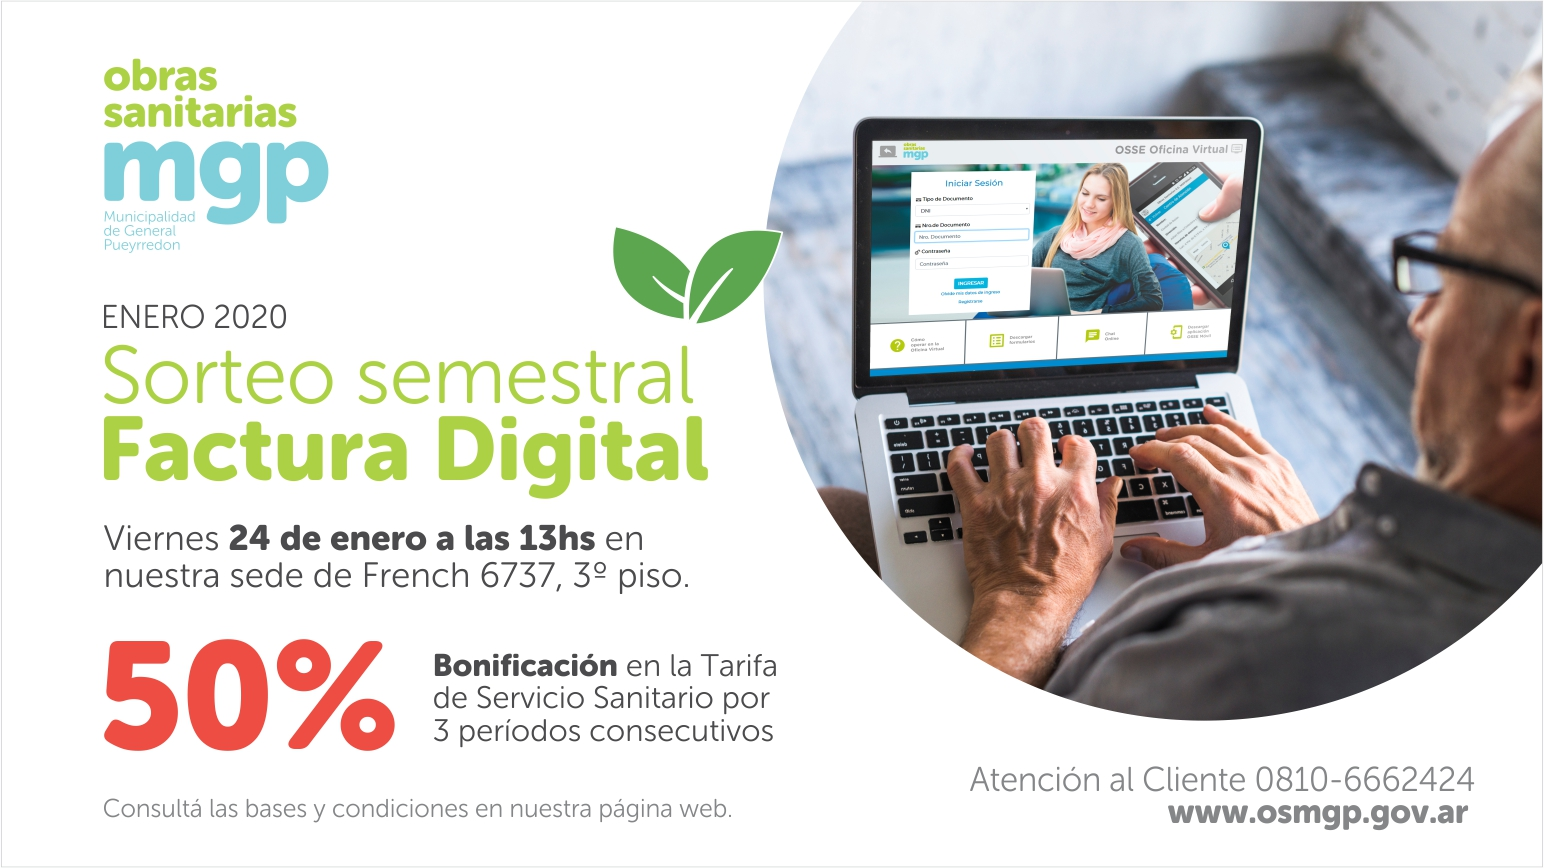 """Obras Sanitarias realizará un nuevo sorteo para adherentes a su """"factura digital"""""""